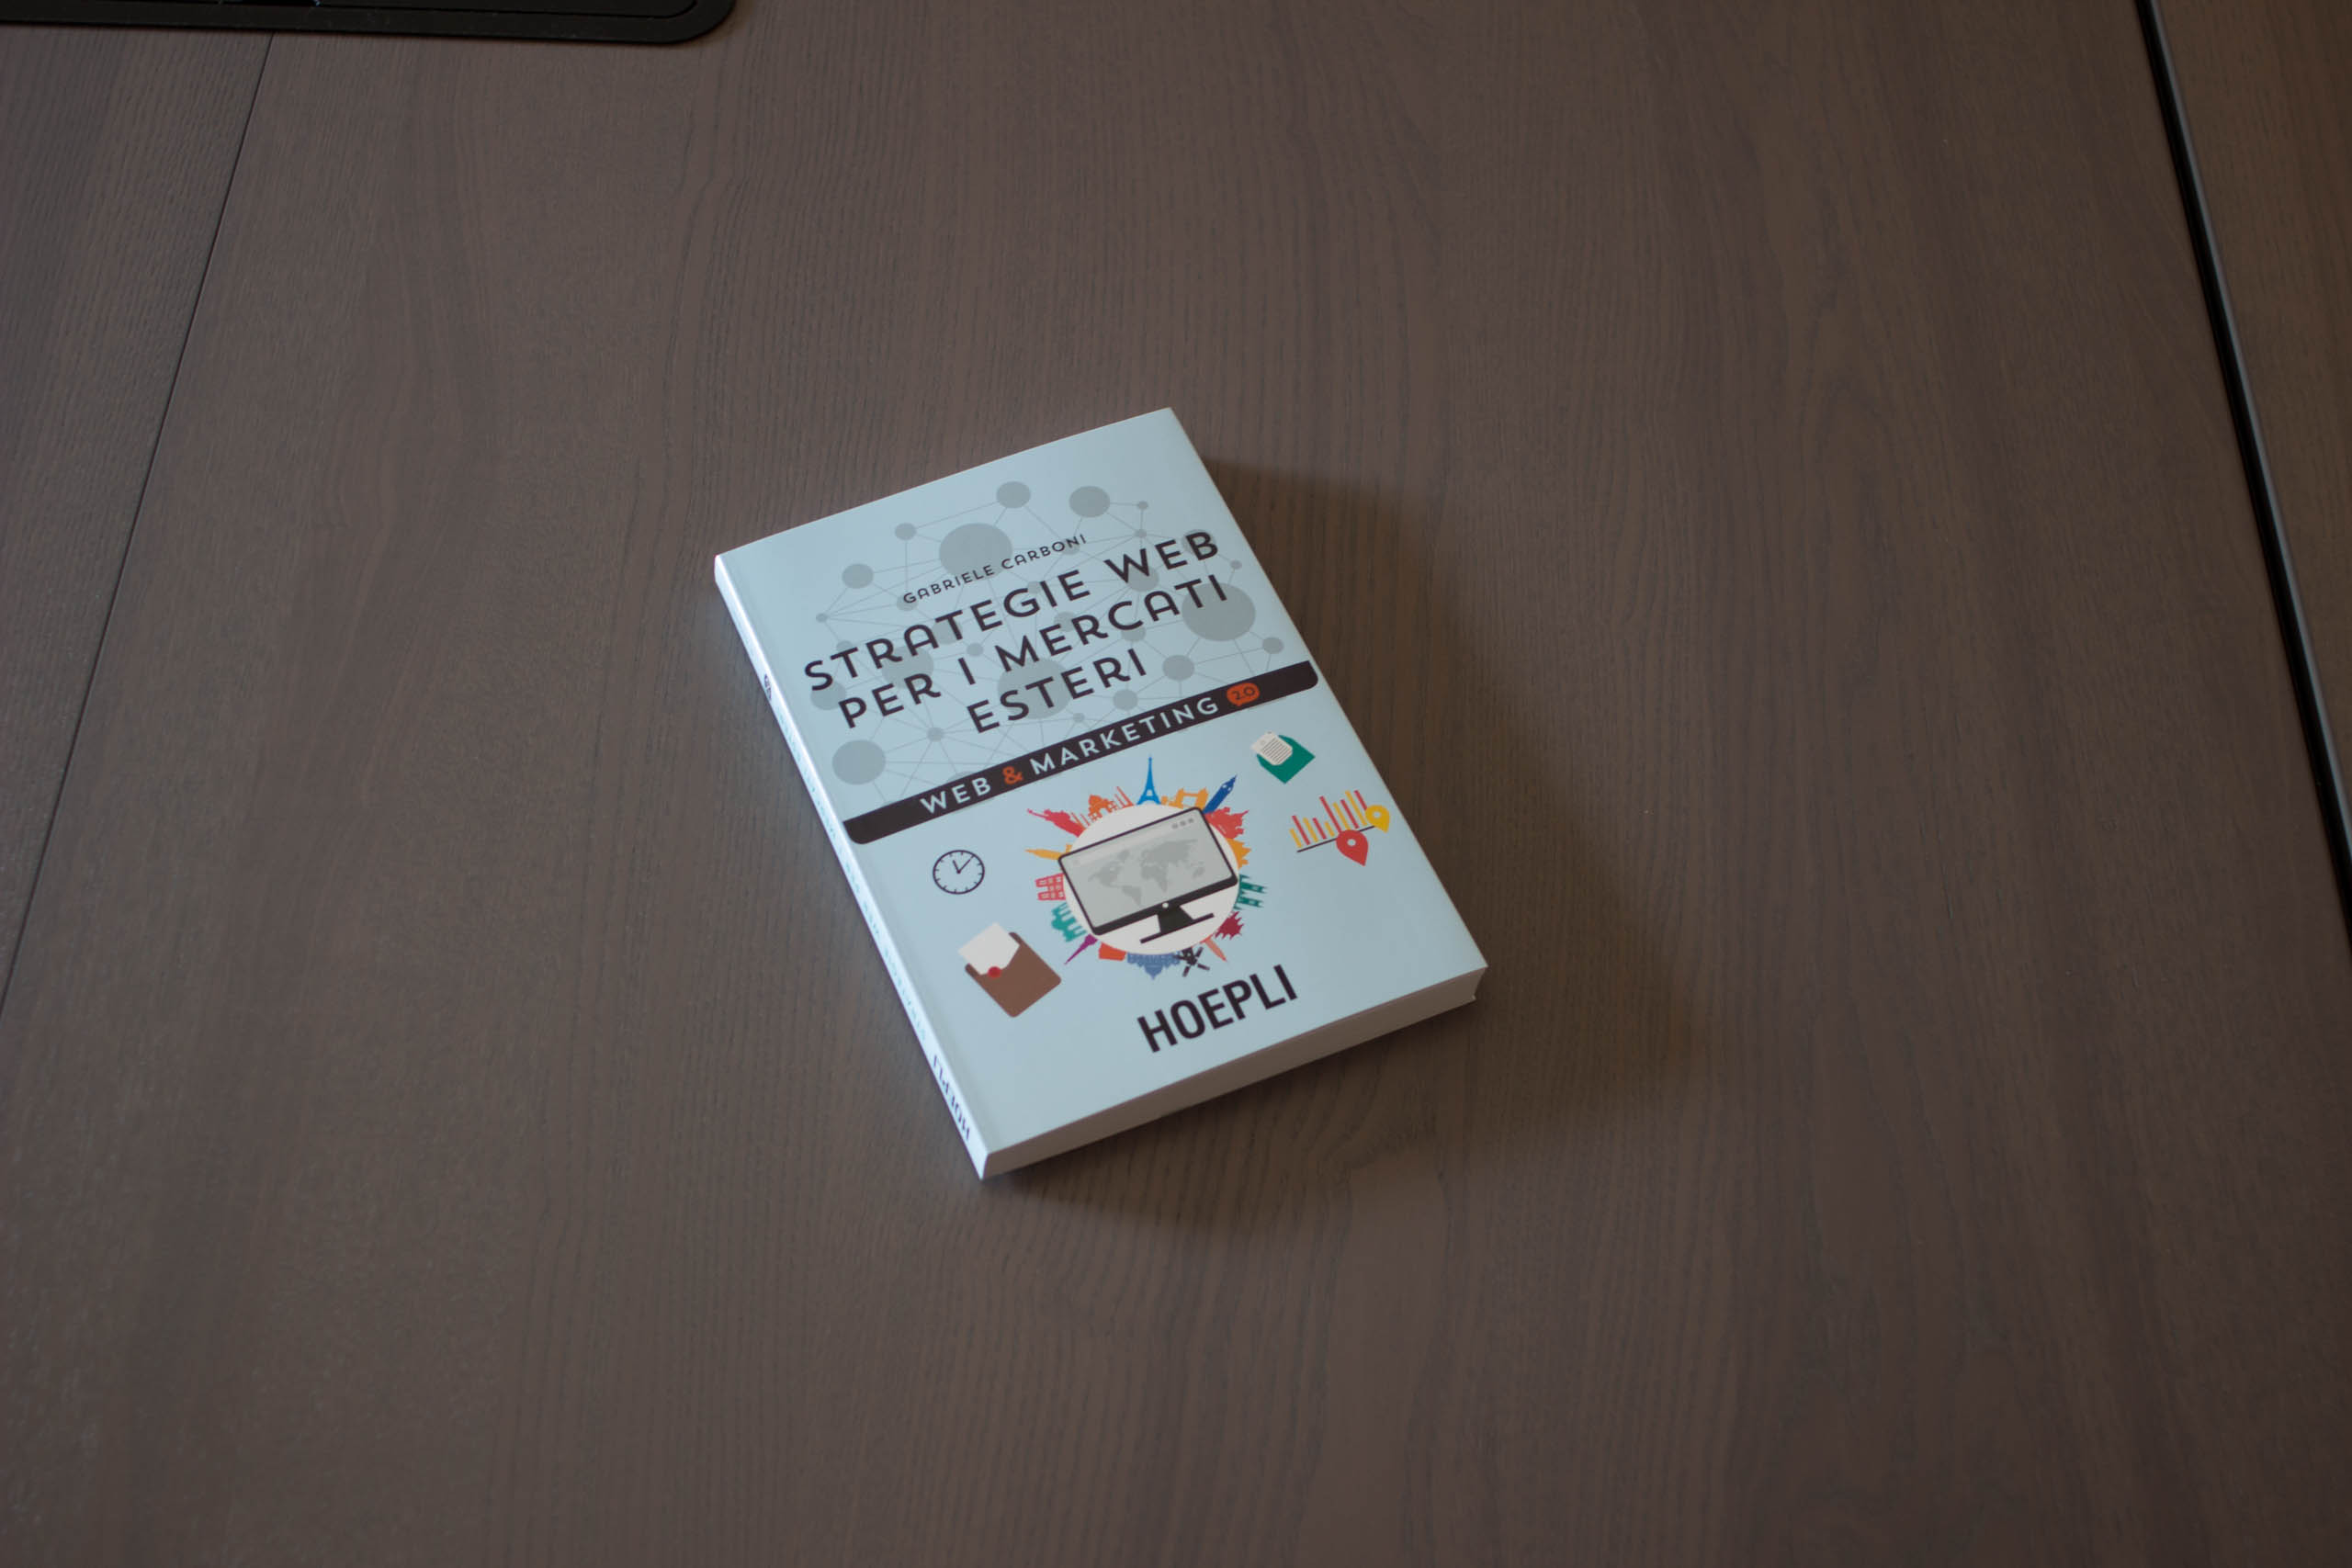 Internazionalizzazione nell libro per domare l'Export Digitale